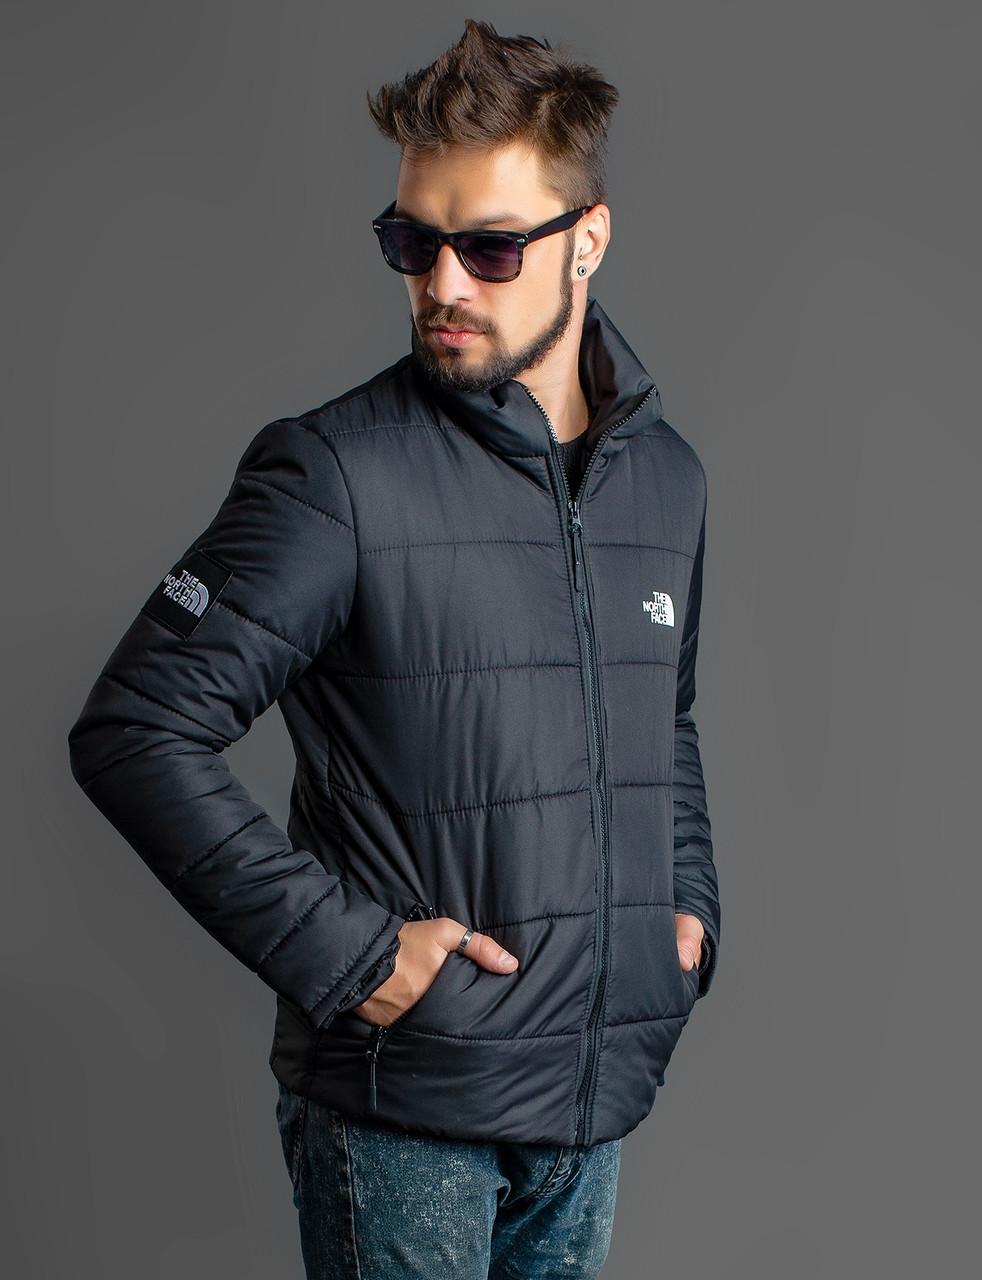 2657aa476bd Стильная мужская куртка на синтепоне.  продажа